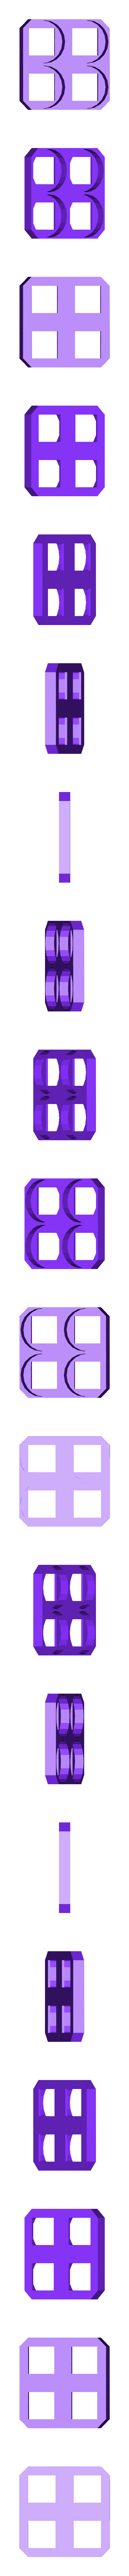 2x2.stl Télécharger fichier STL gratuit 18650 Porte-piles (5x5/4x4/3x3/2x2/1x1) • Plan à imprimer en 3D, tylerebowers